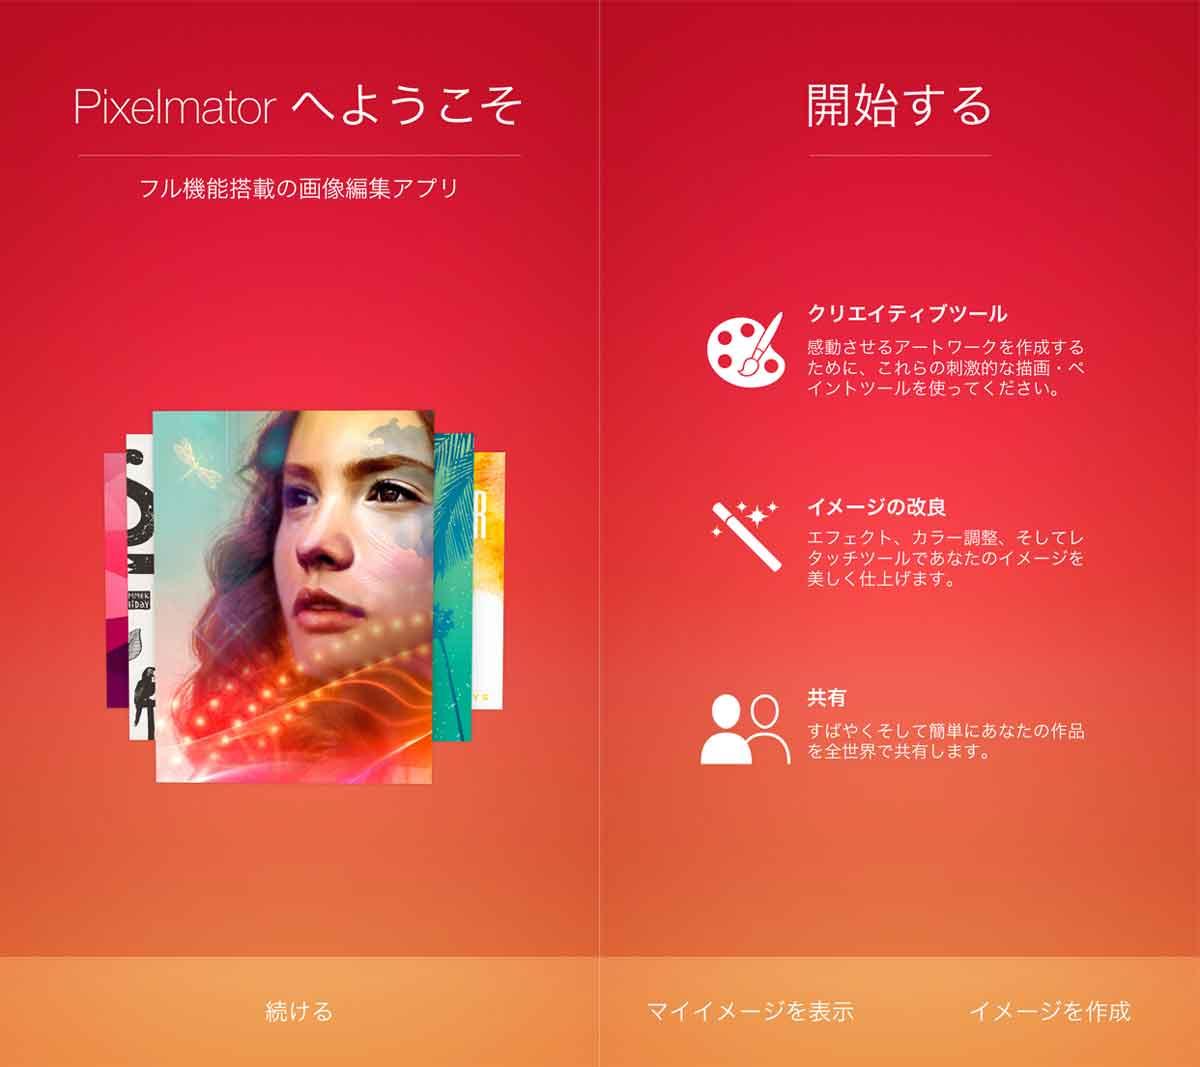 Pixelmator iOS 起動画面